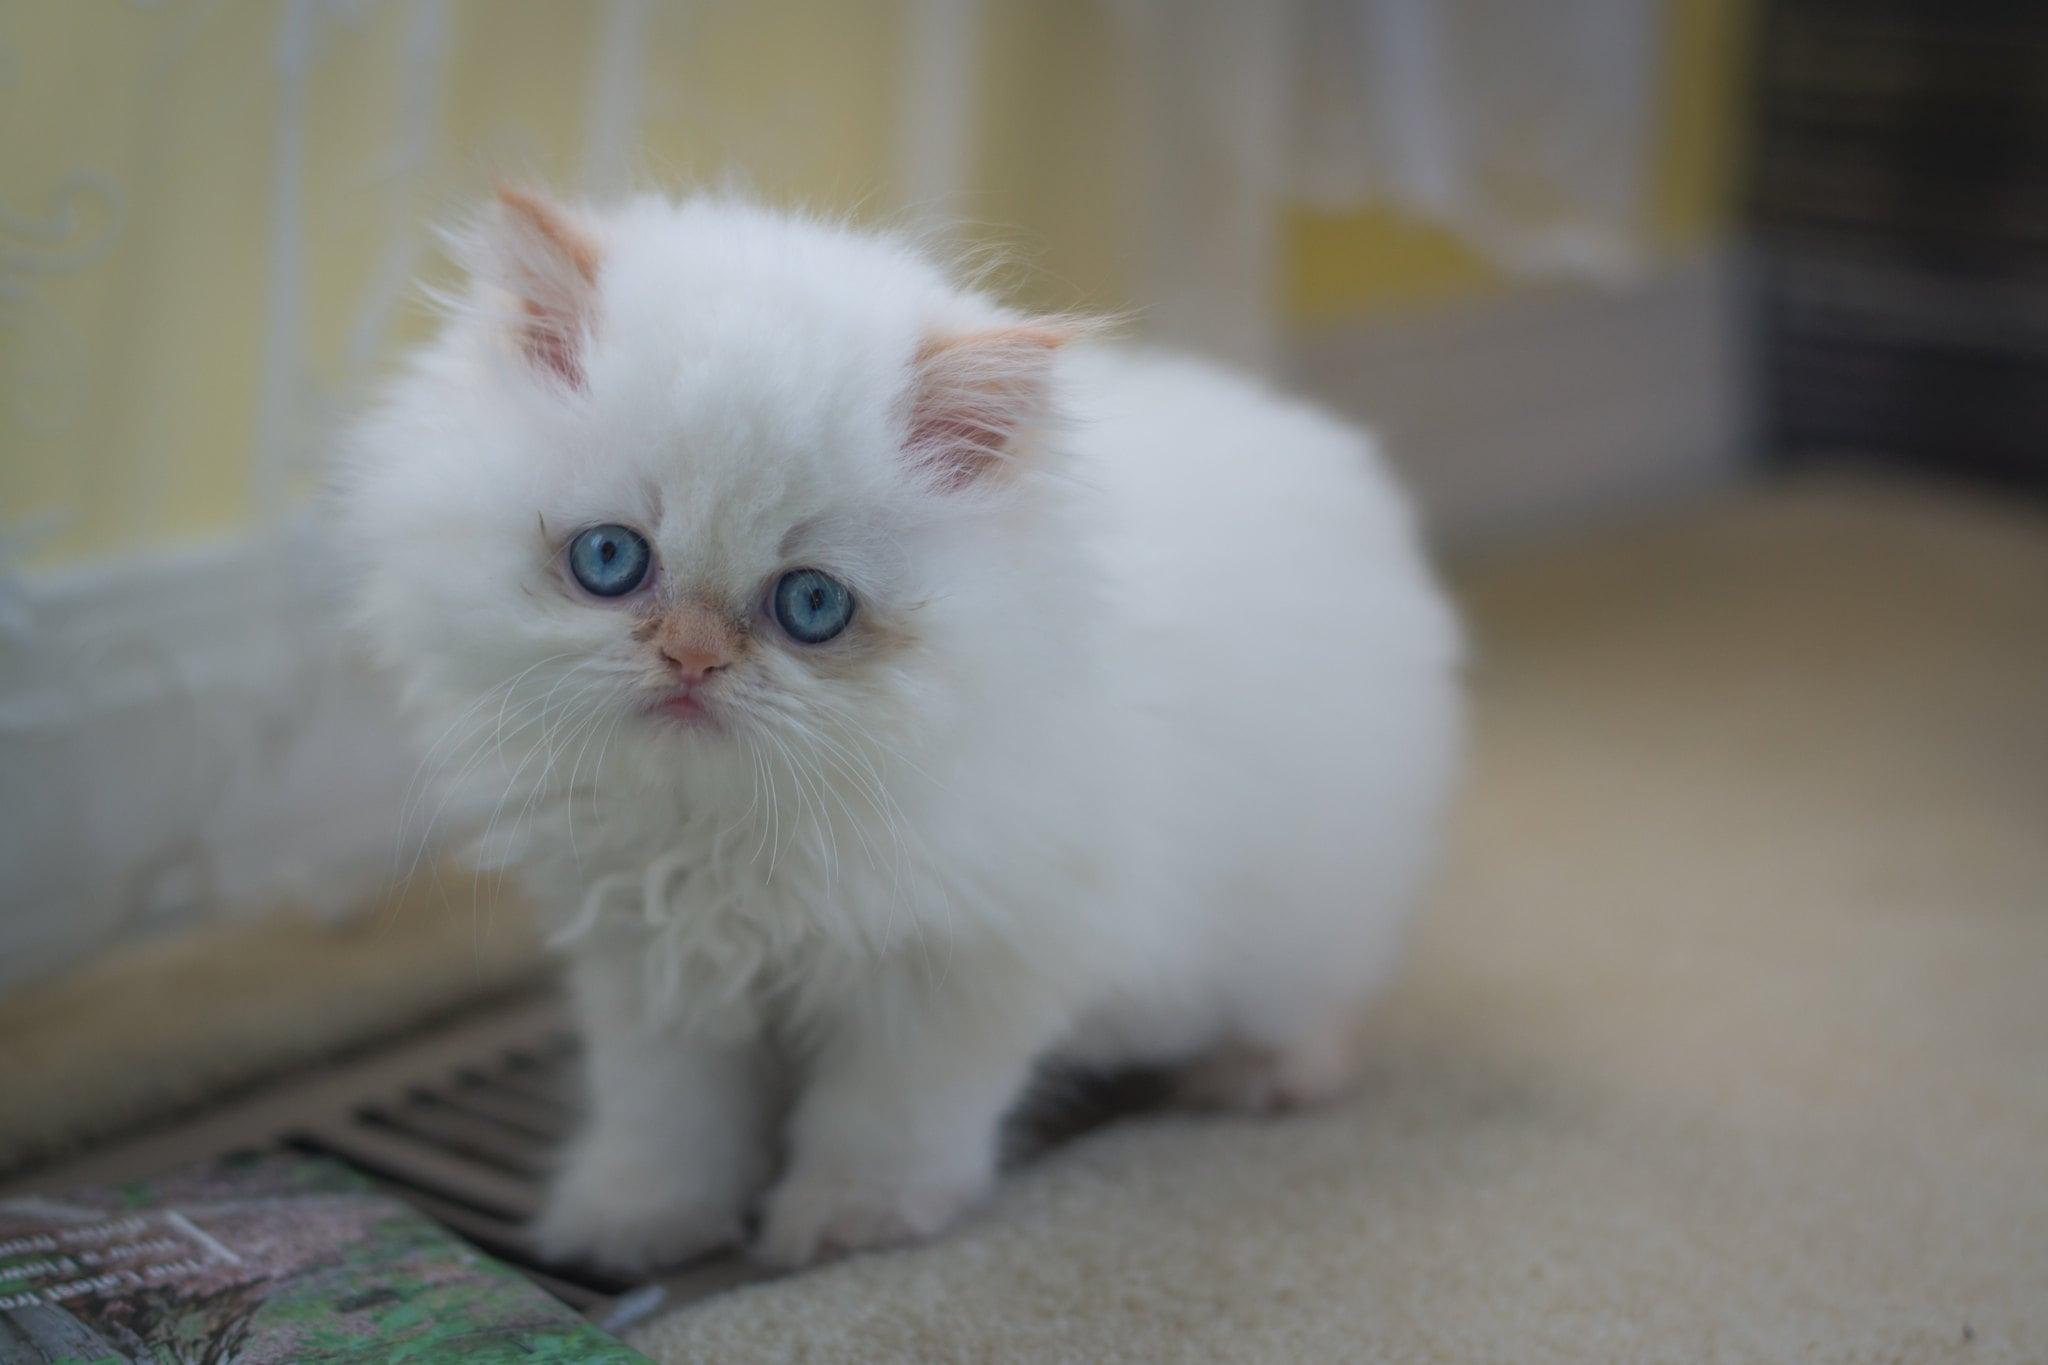 adorable bello gato bebe blanco